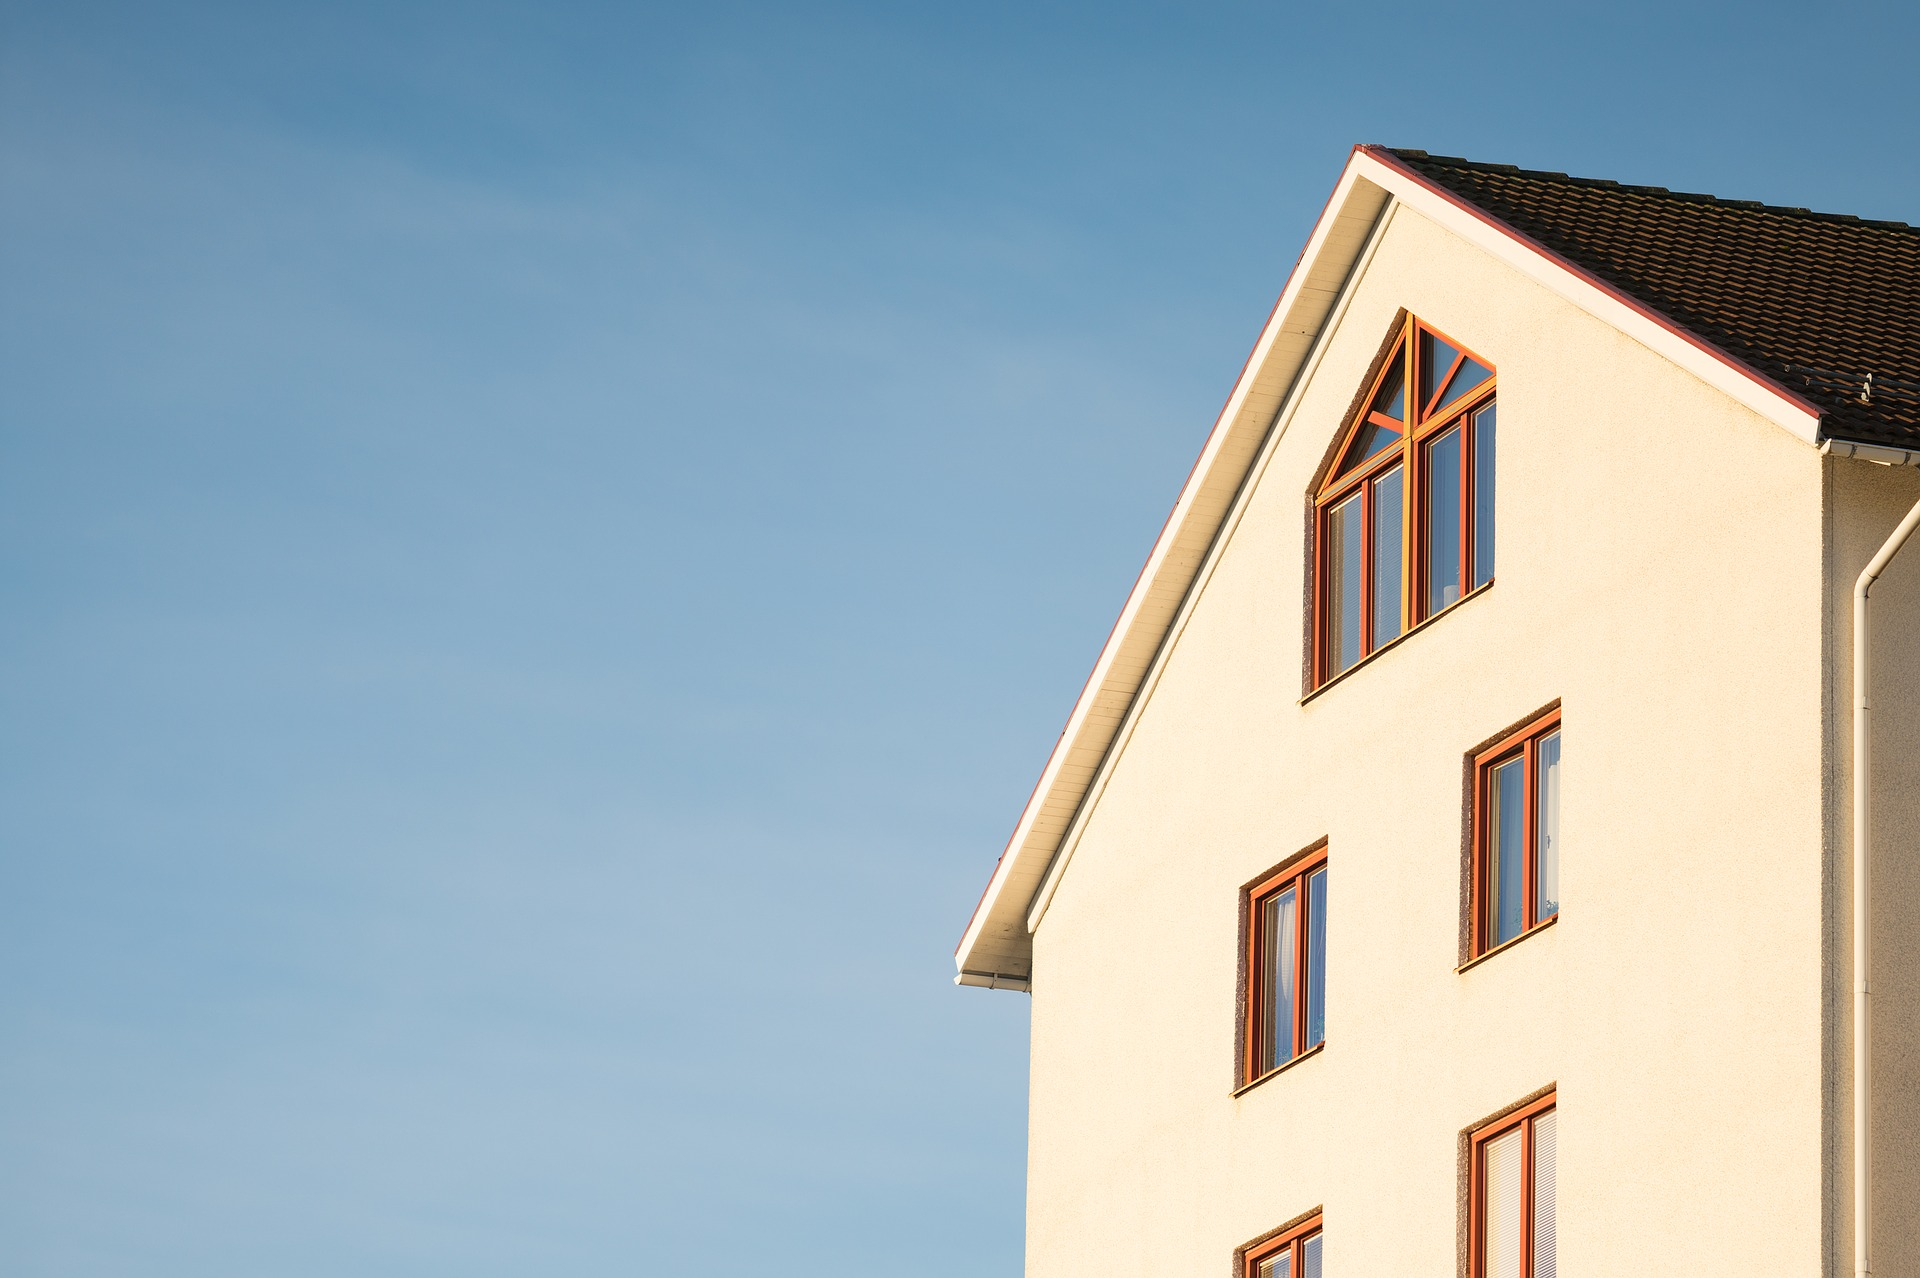 Comment établir le devis des travaux d'isolation de toiture de sa maison ?